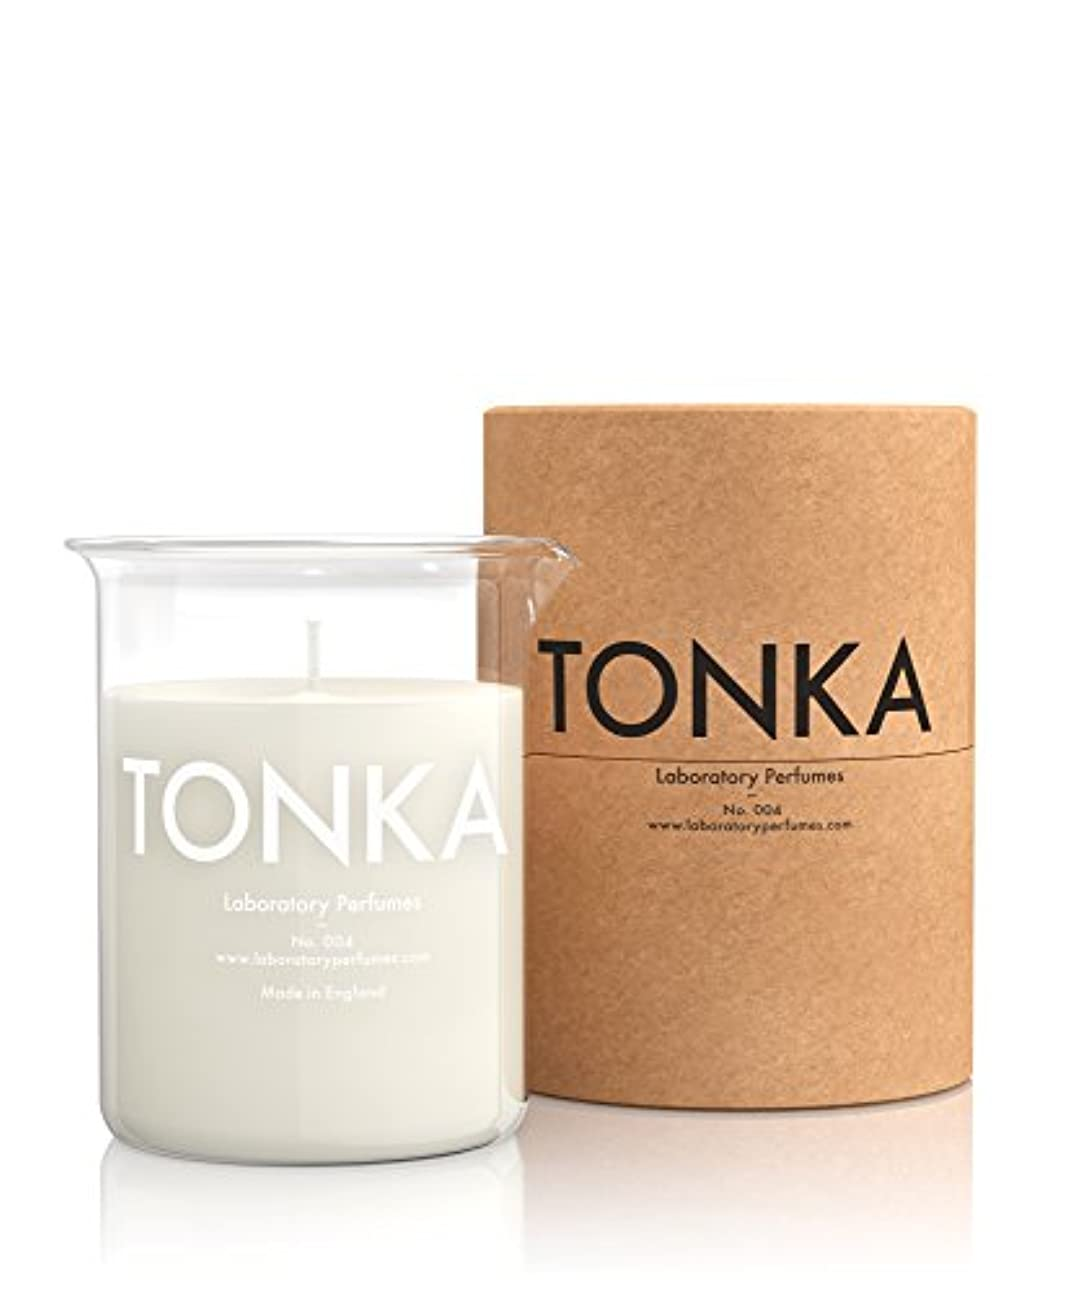 プレートジョージハンブリー書くLabortory Perfumes キャンドル トンカ Tonka (アロマティックオリエンタル Aromatic Oriental) Candle ラボラトリー パフューム